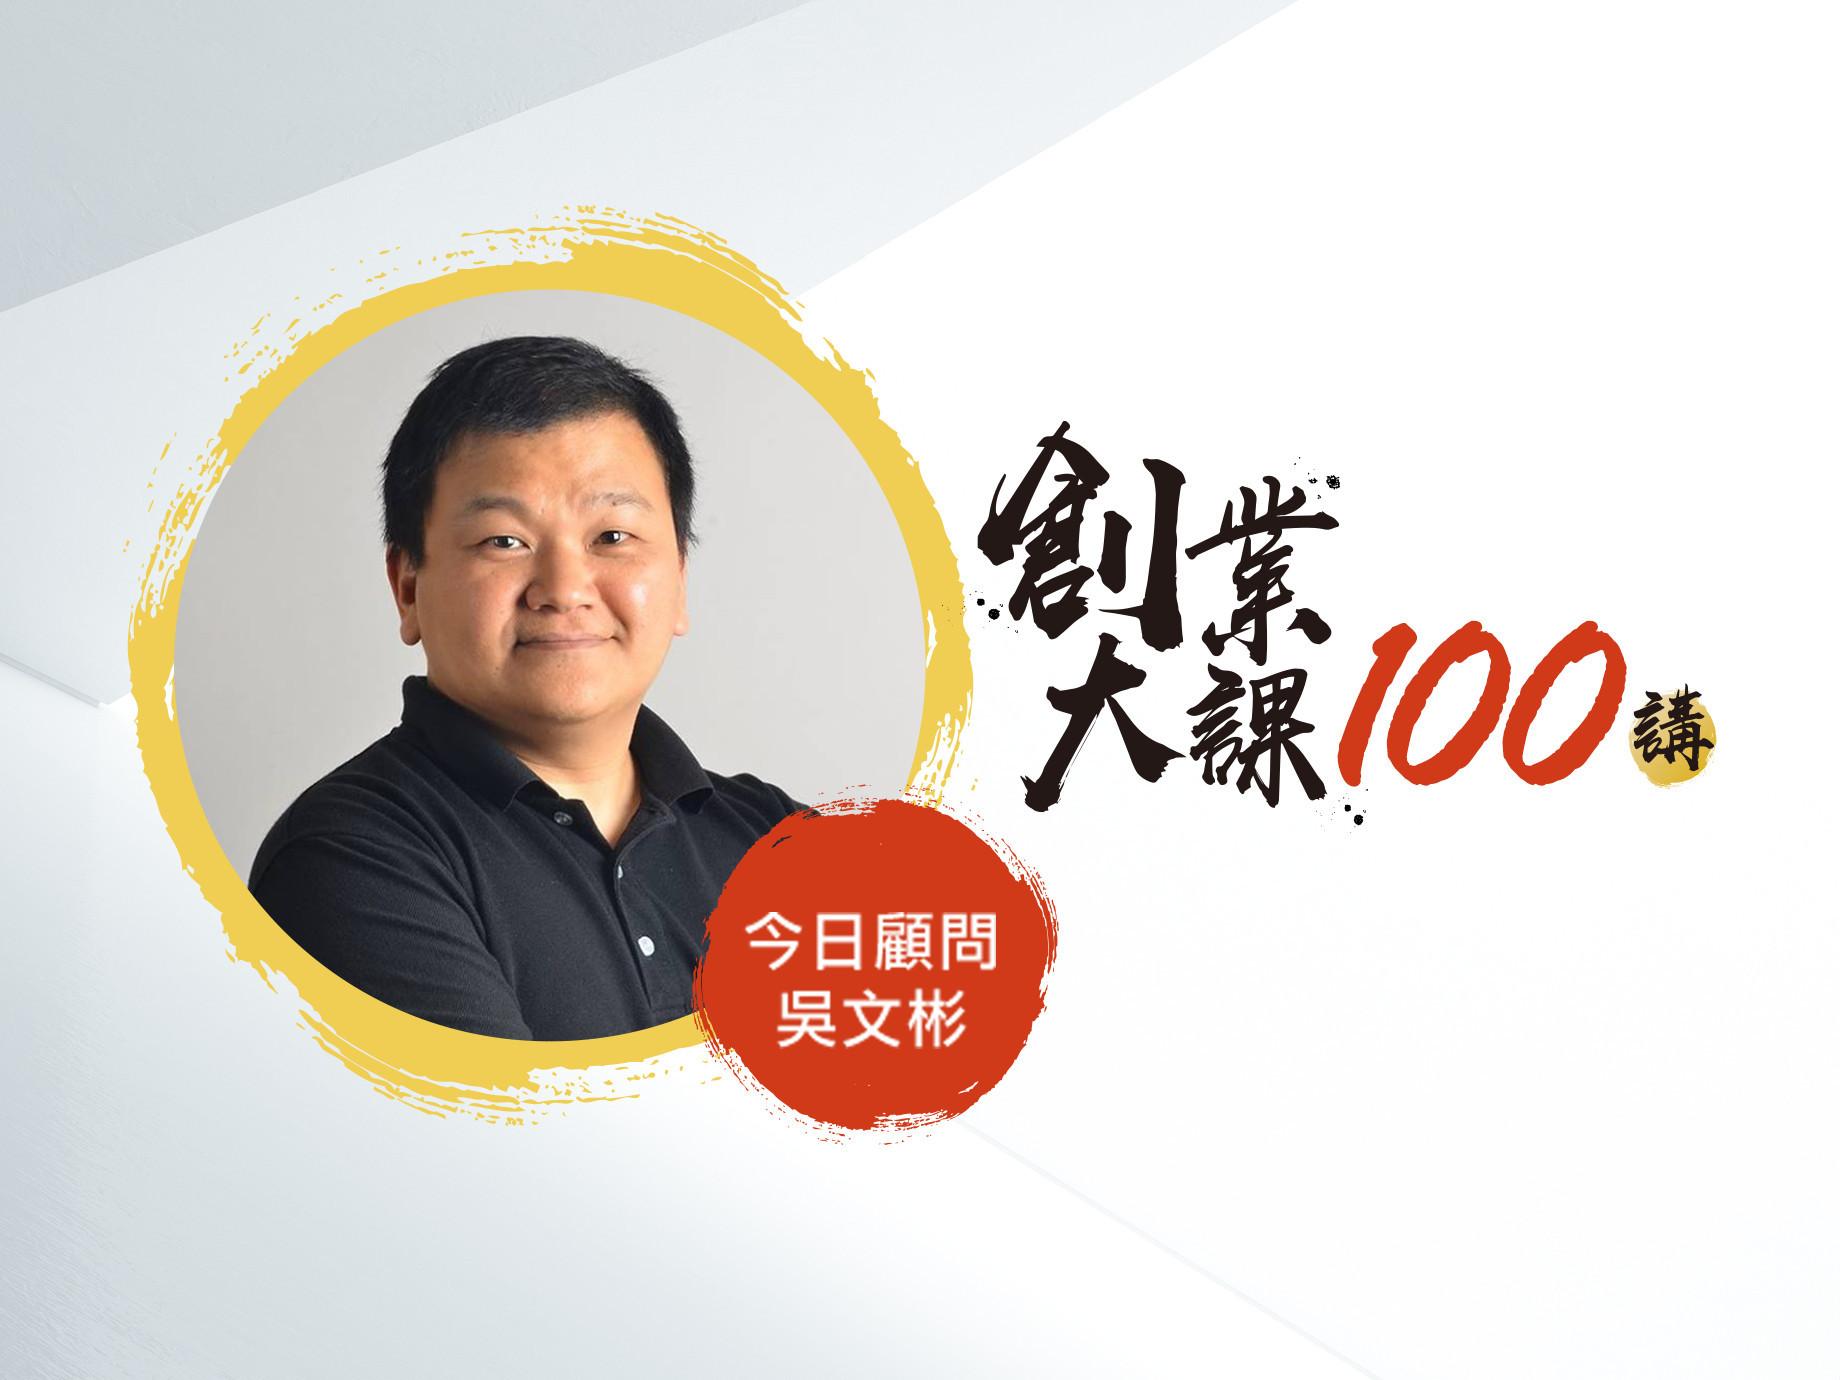 身為台灣創業者,前進東南亞市場的事前功課有哪些?